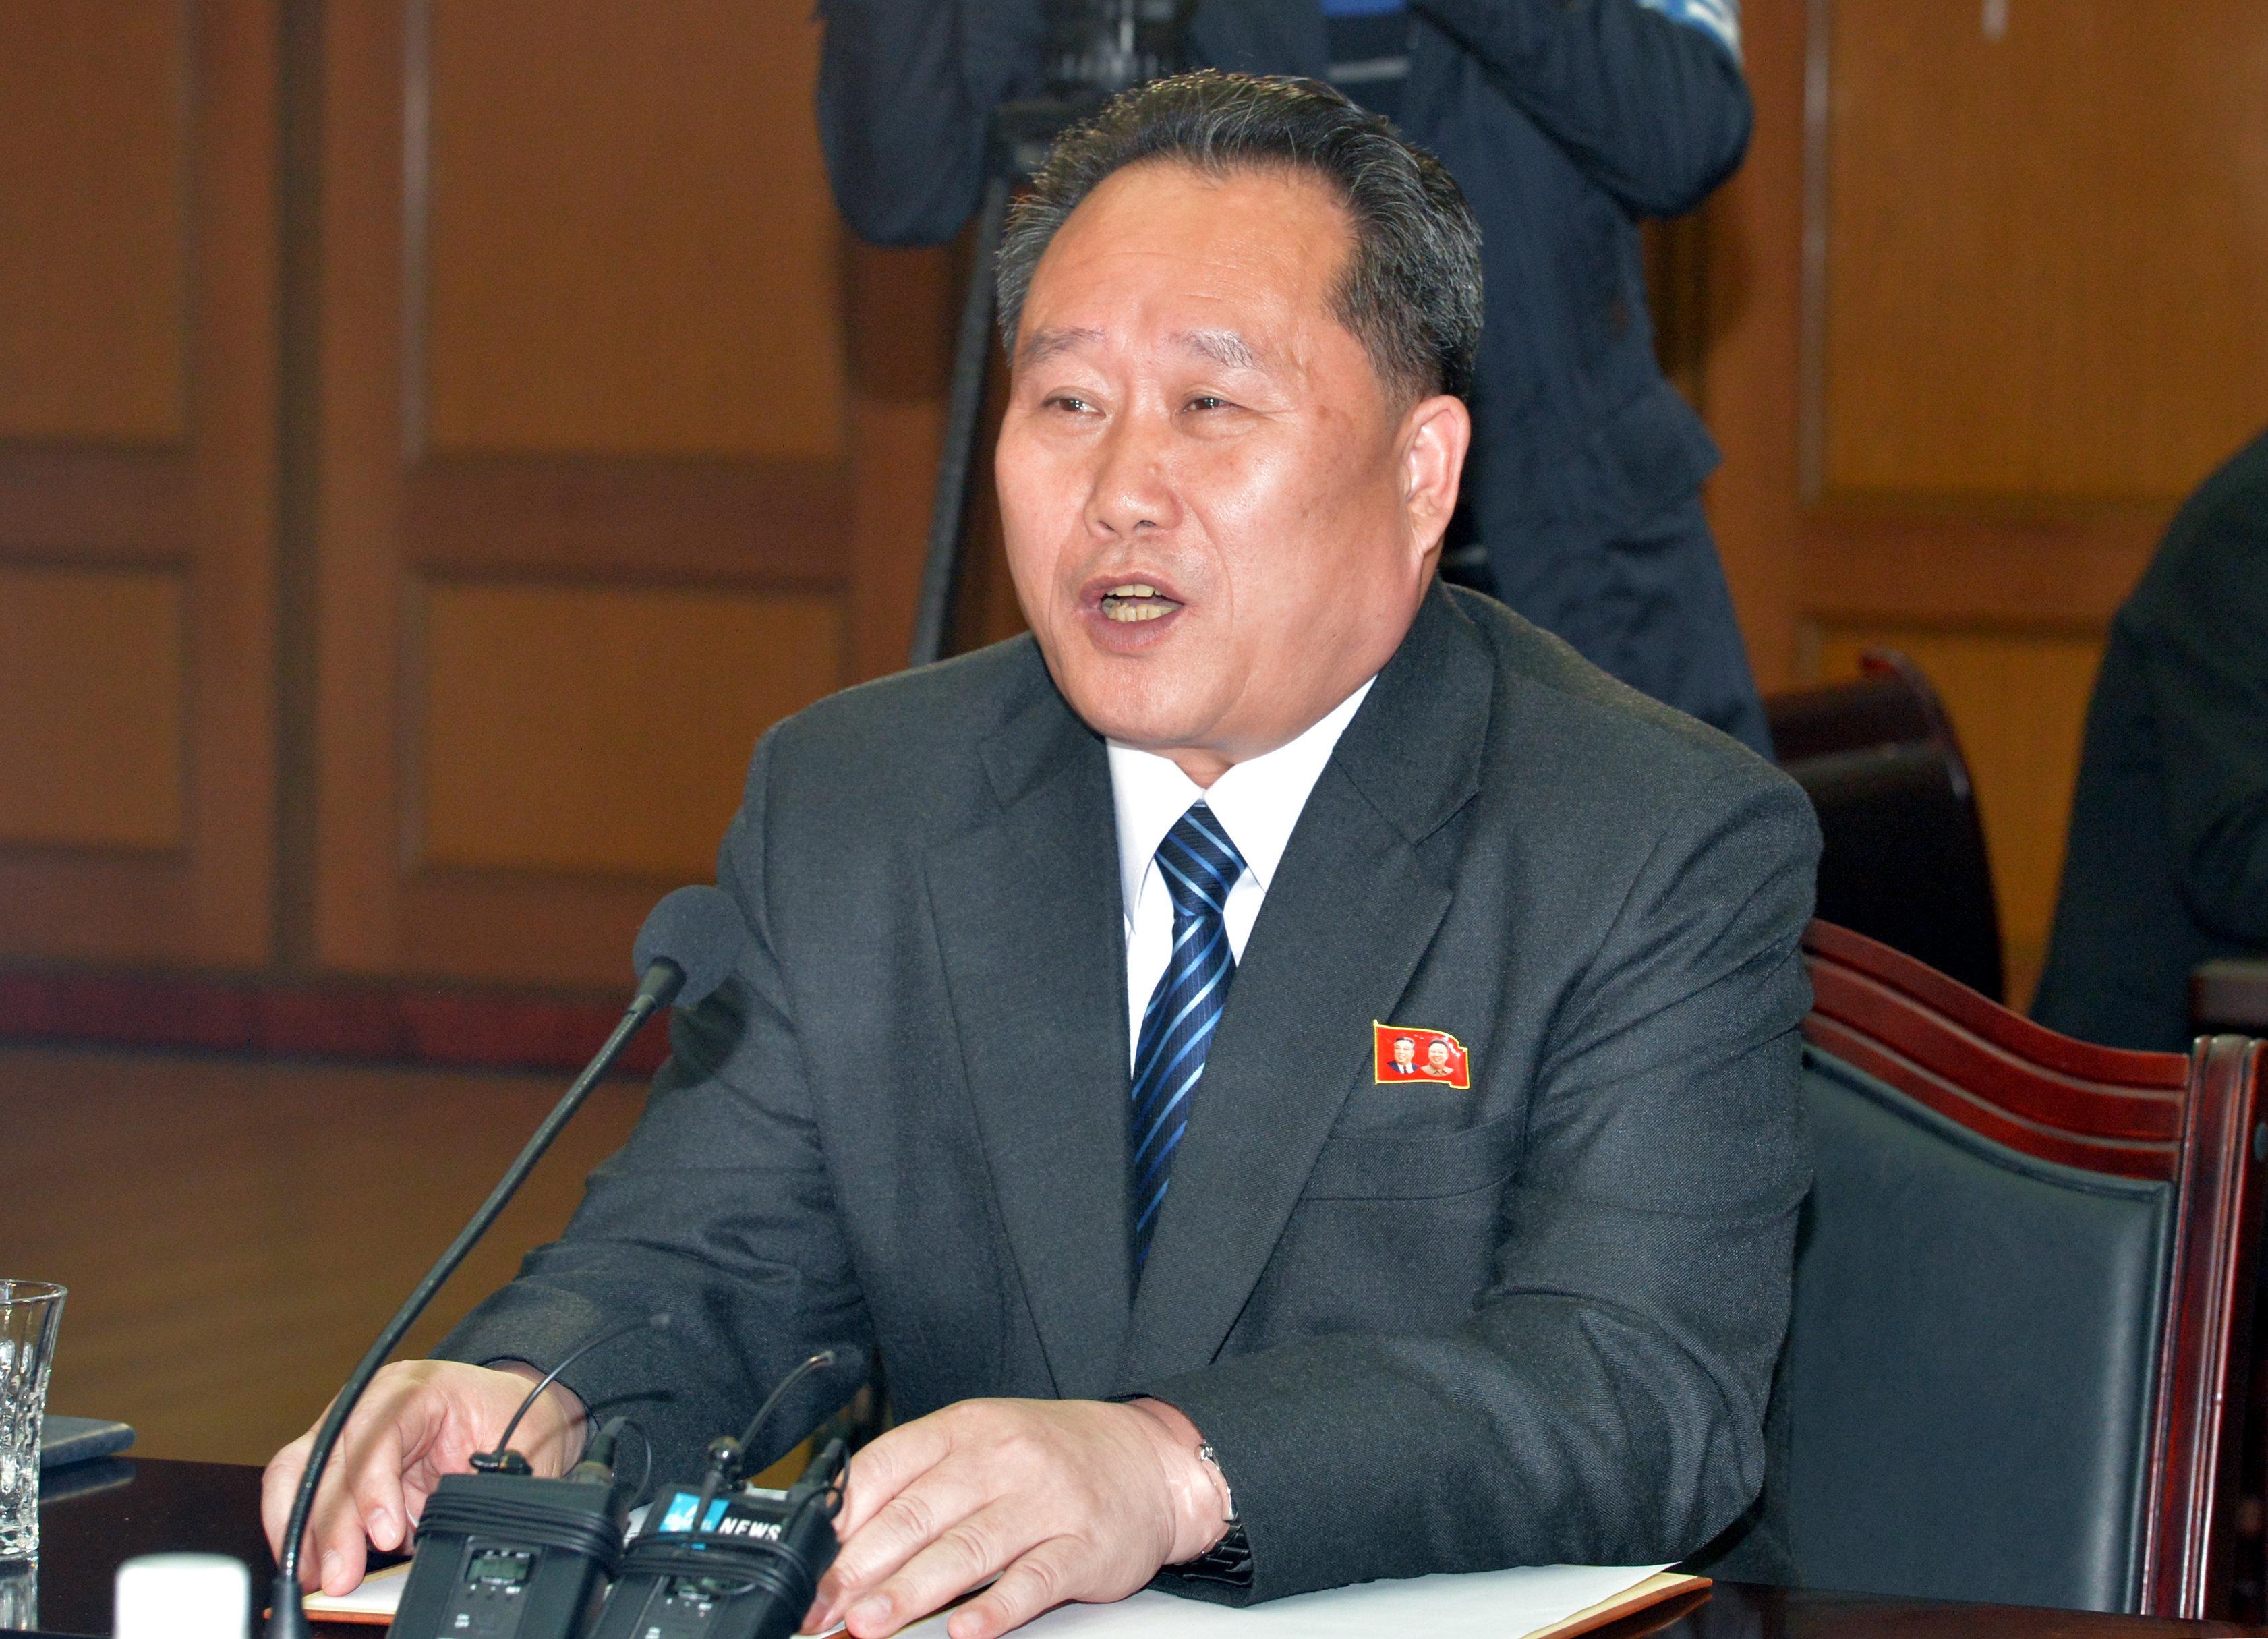 북한이 앞으로의 남북관계는 전적으로 남한에 달려있다고 말했다